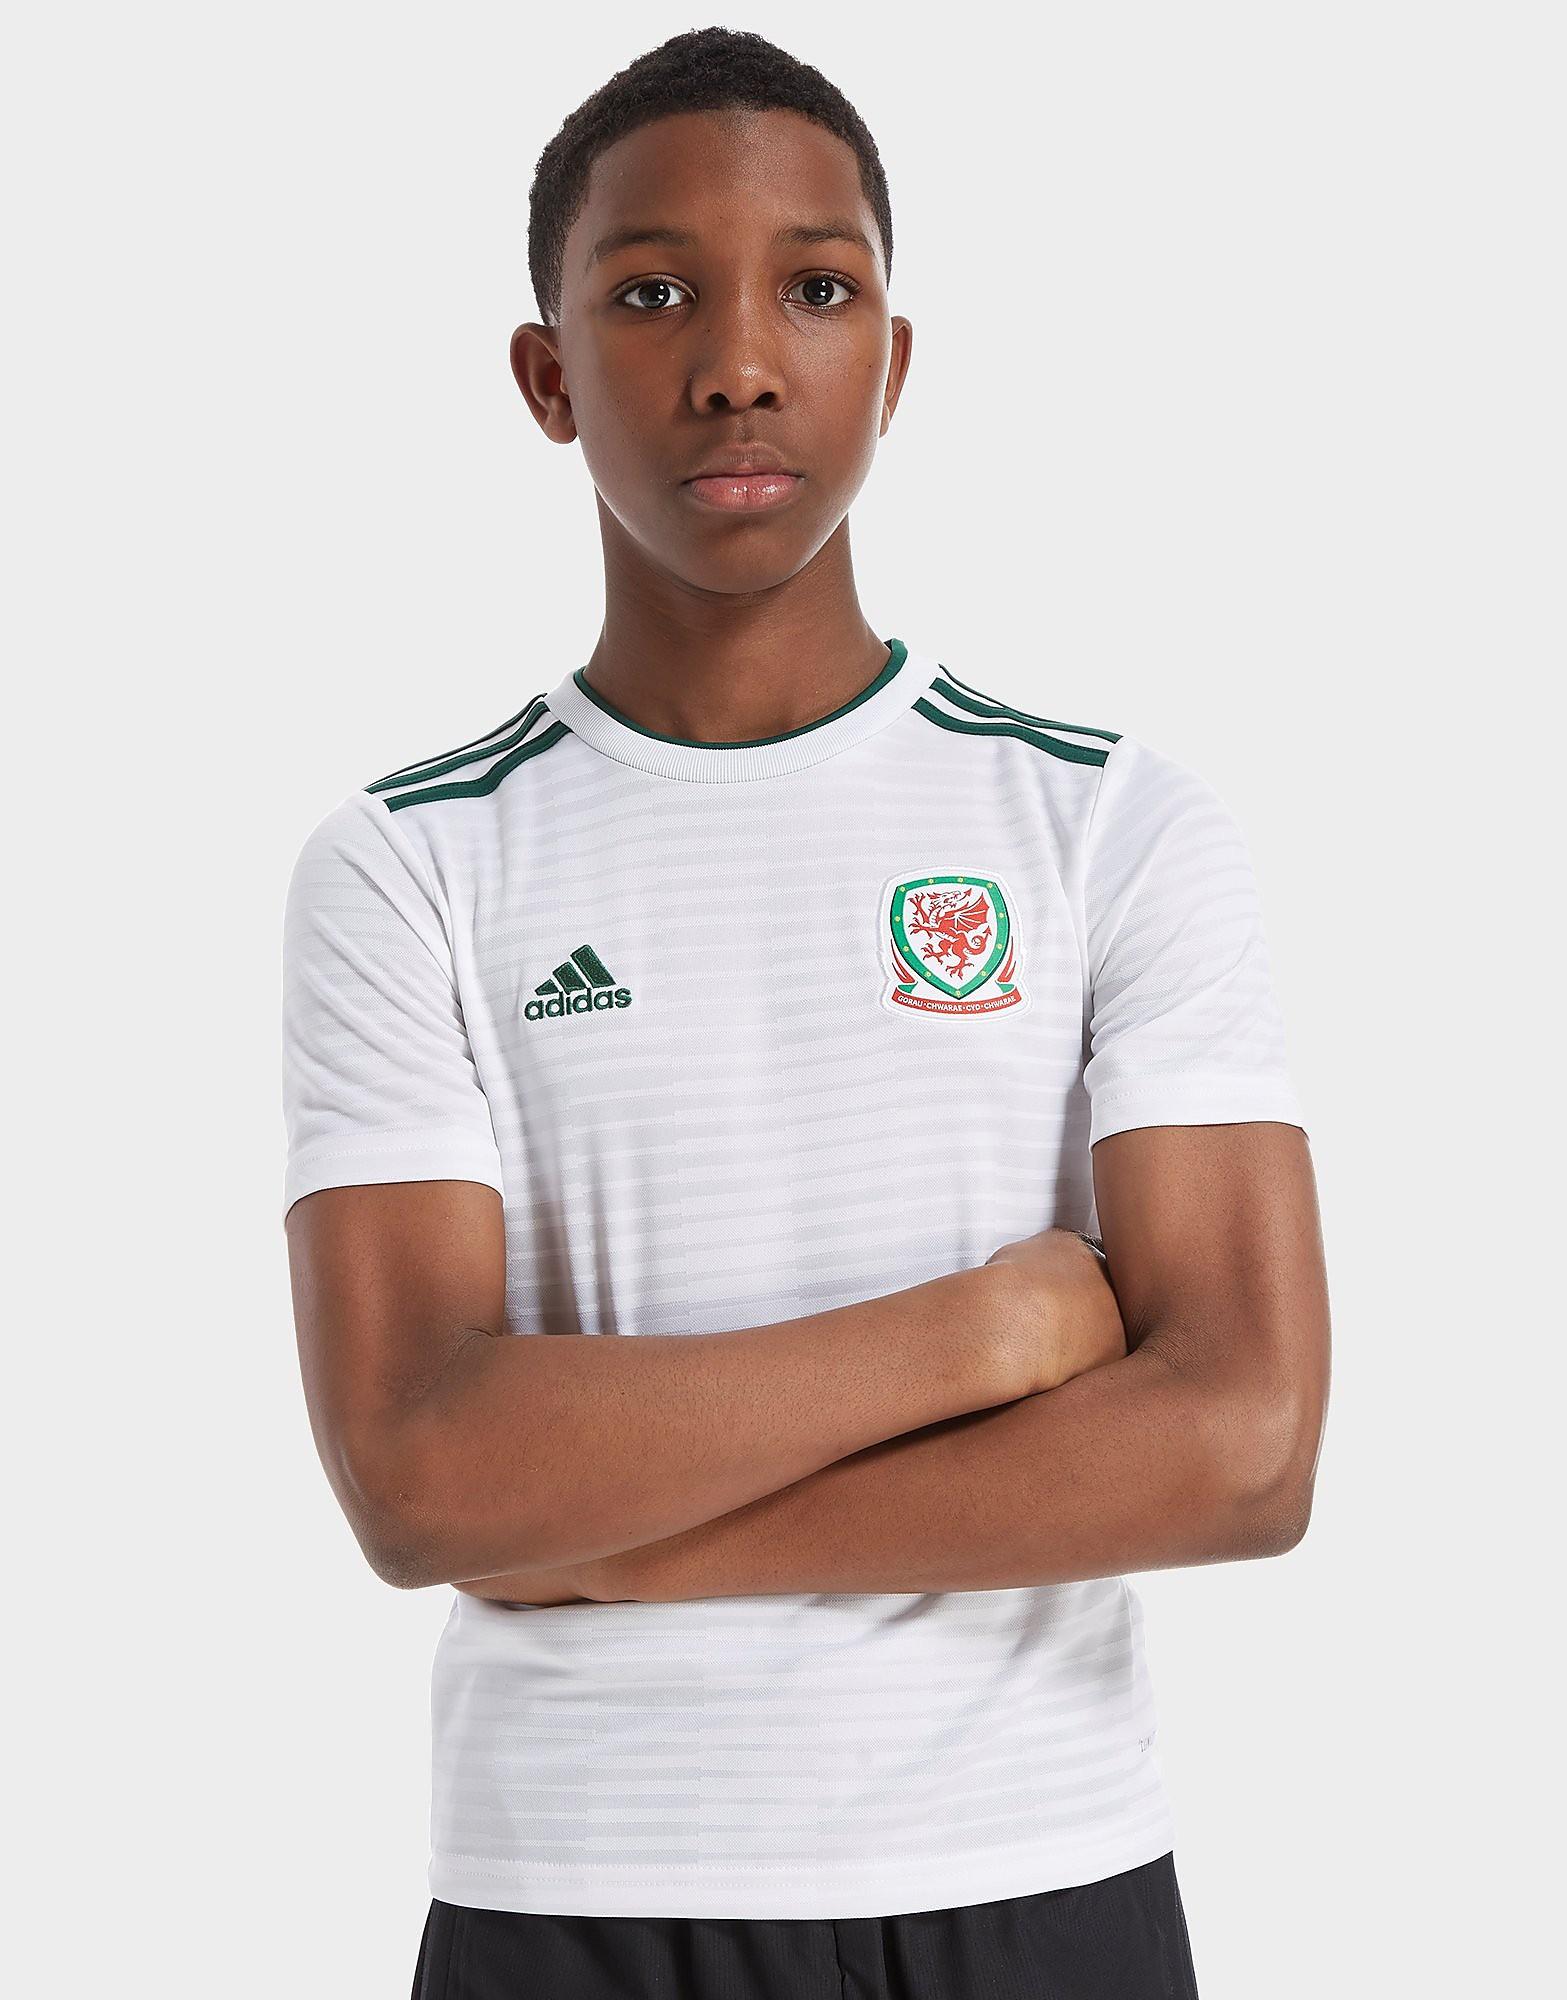 adidas Wales 2018/19 Bortatröja Junior